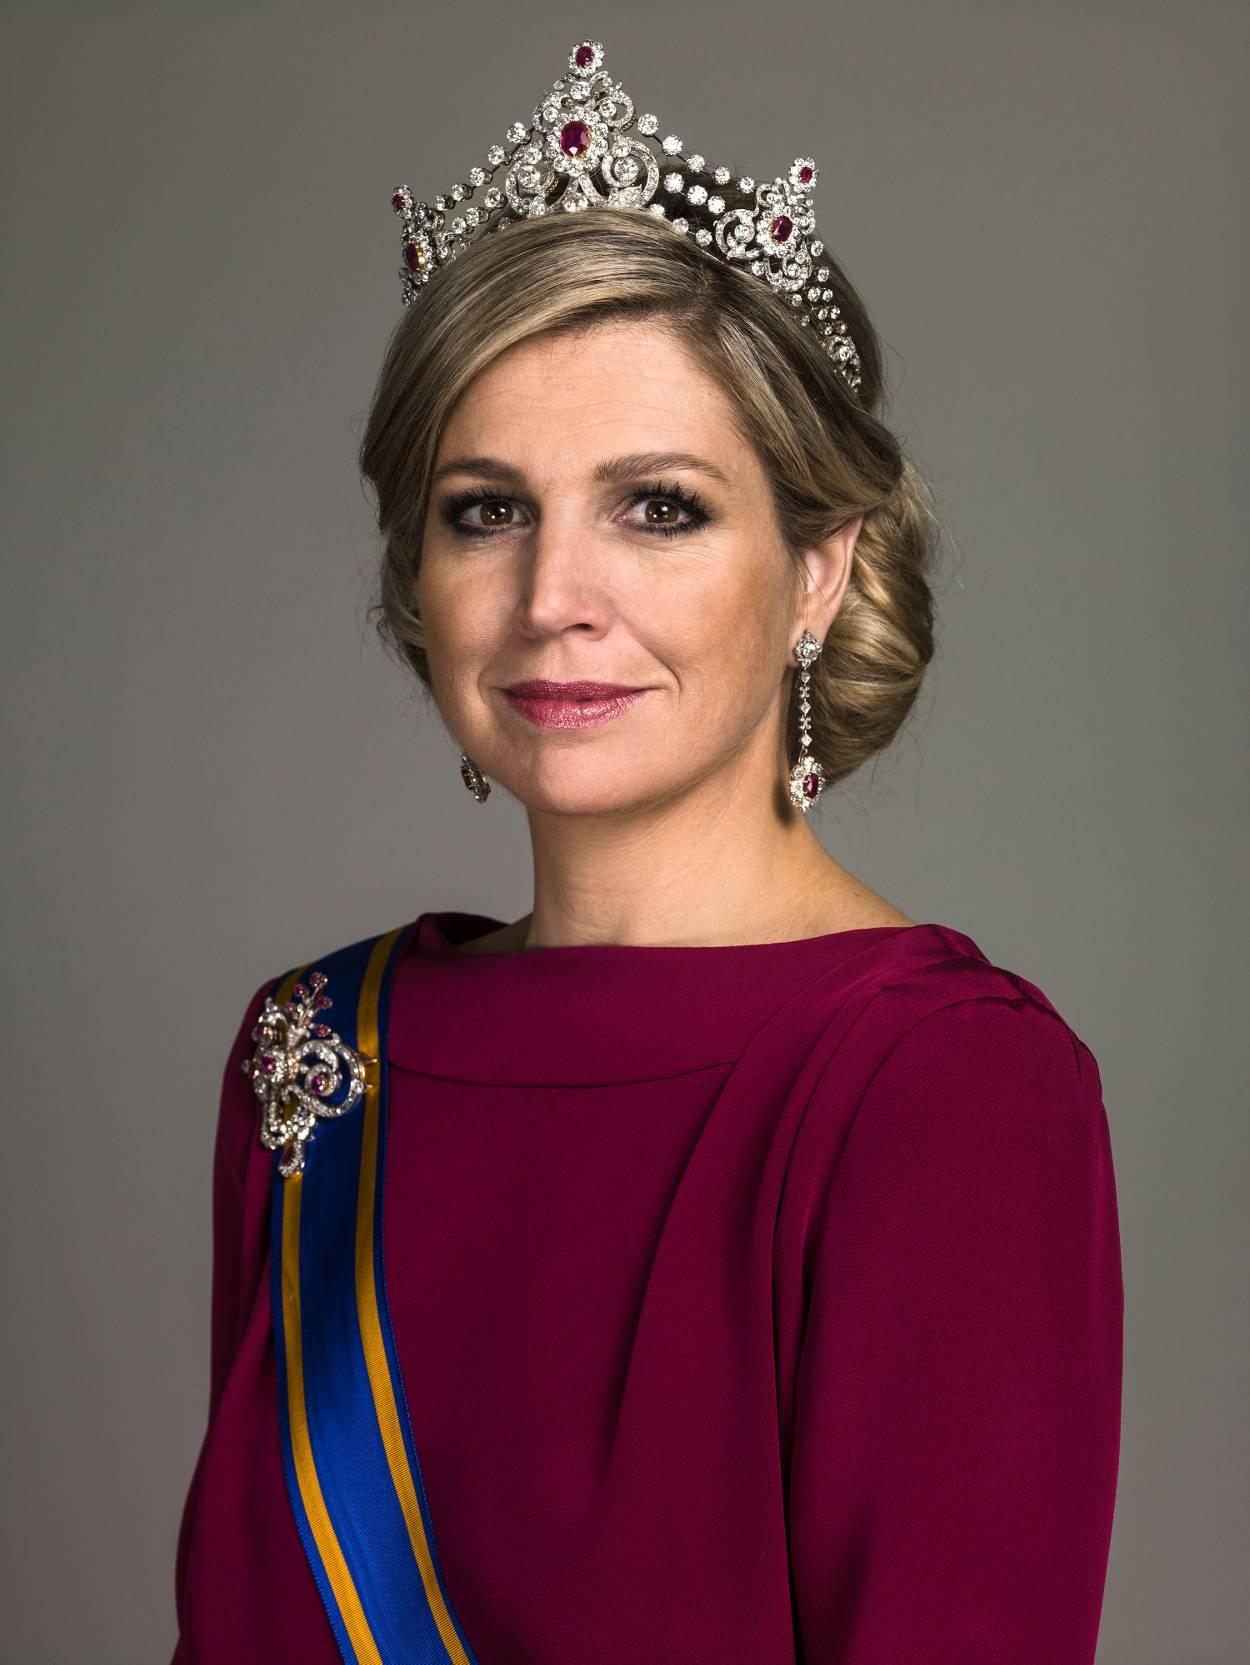 Irgendwann wird auch Maximas Tochter Amalia diese Tiara tragen.  Foto: RVD, Koos Breuke